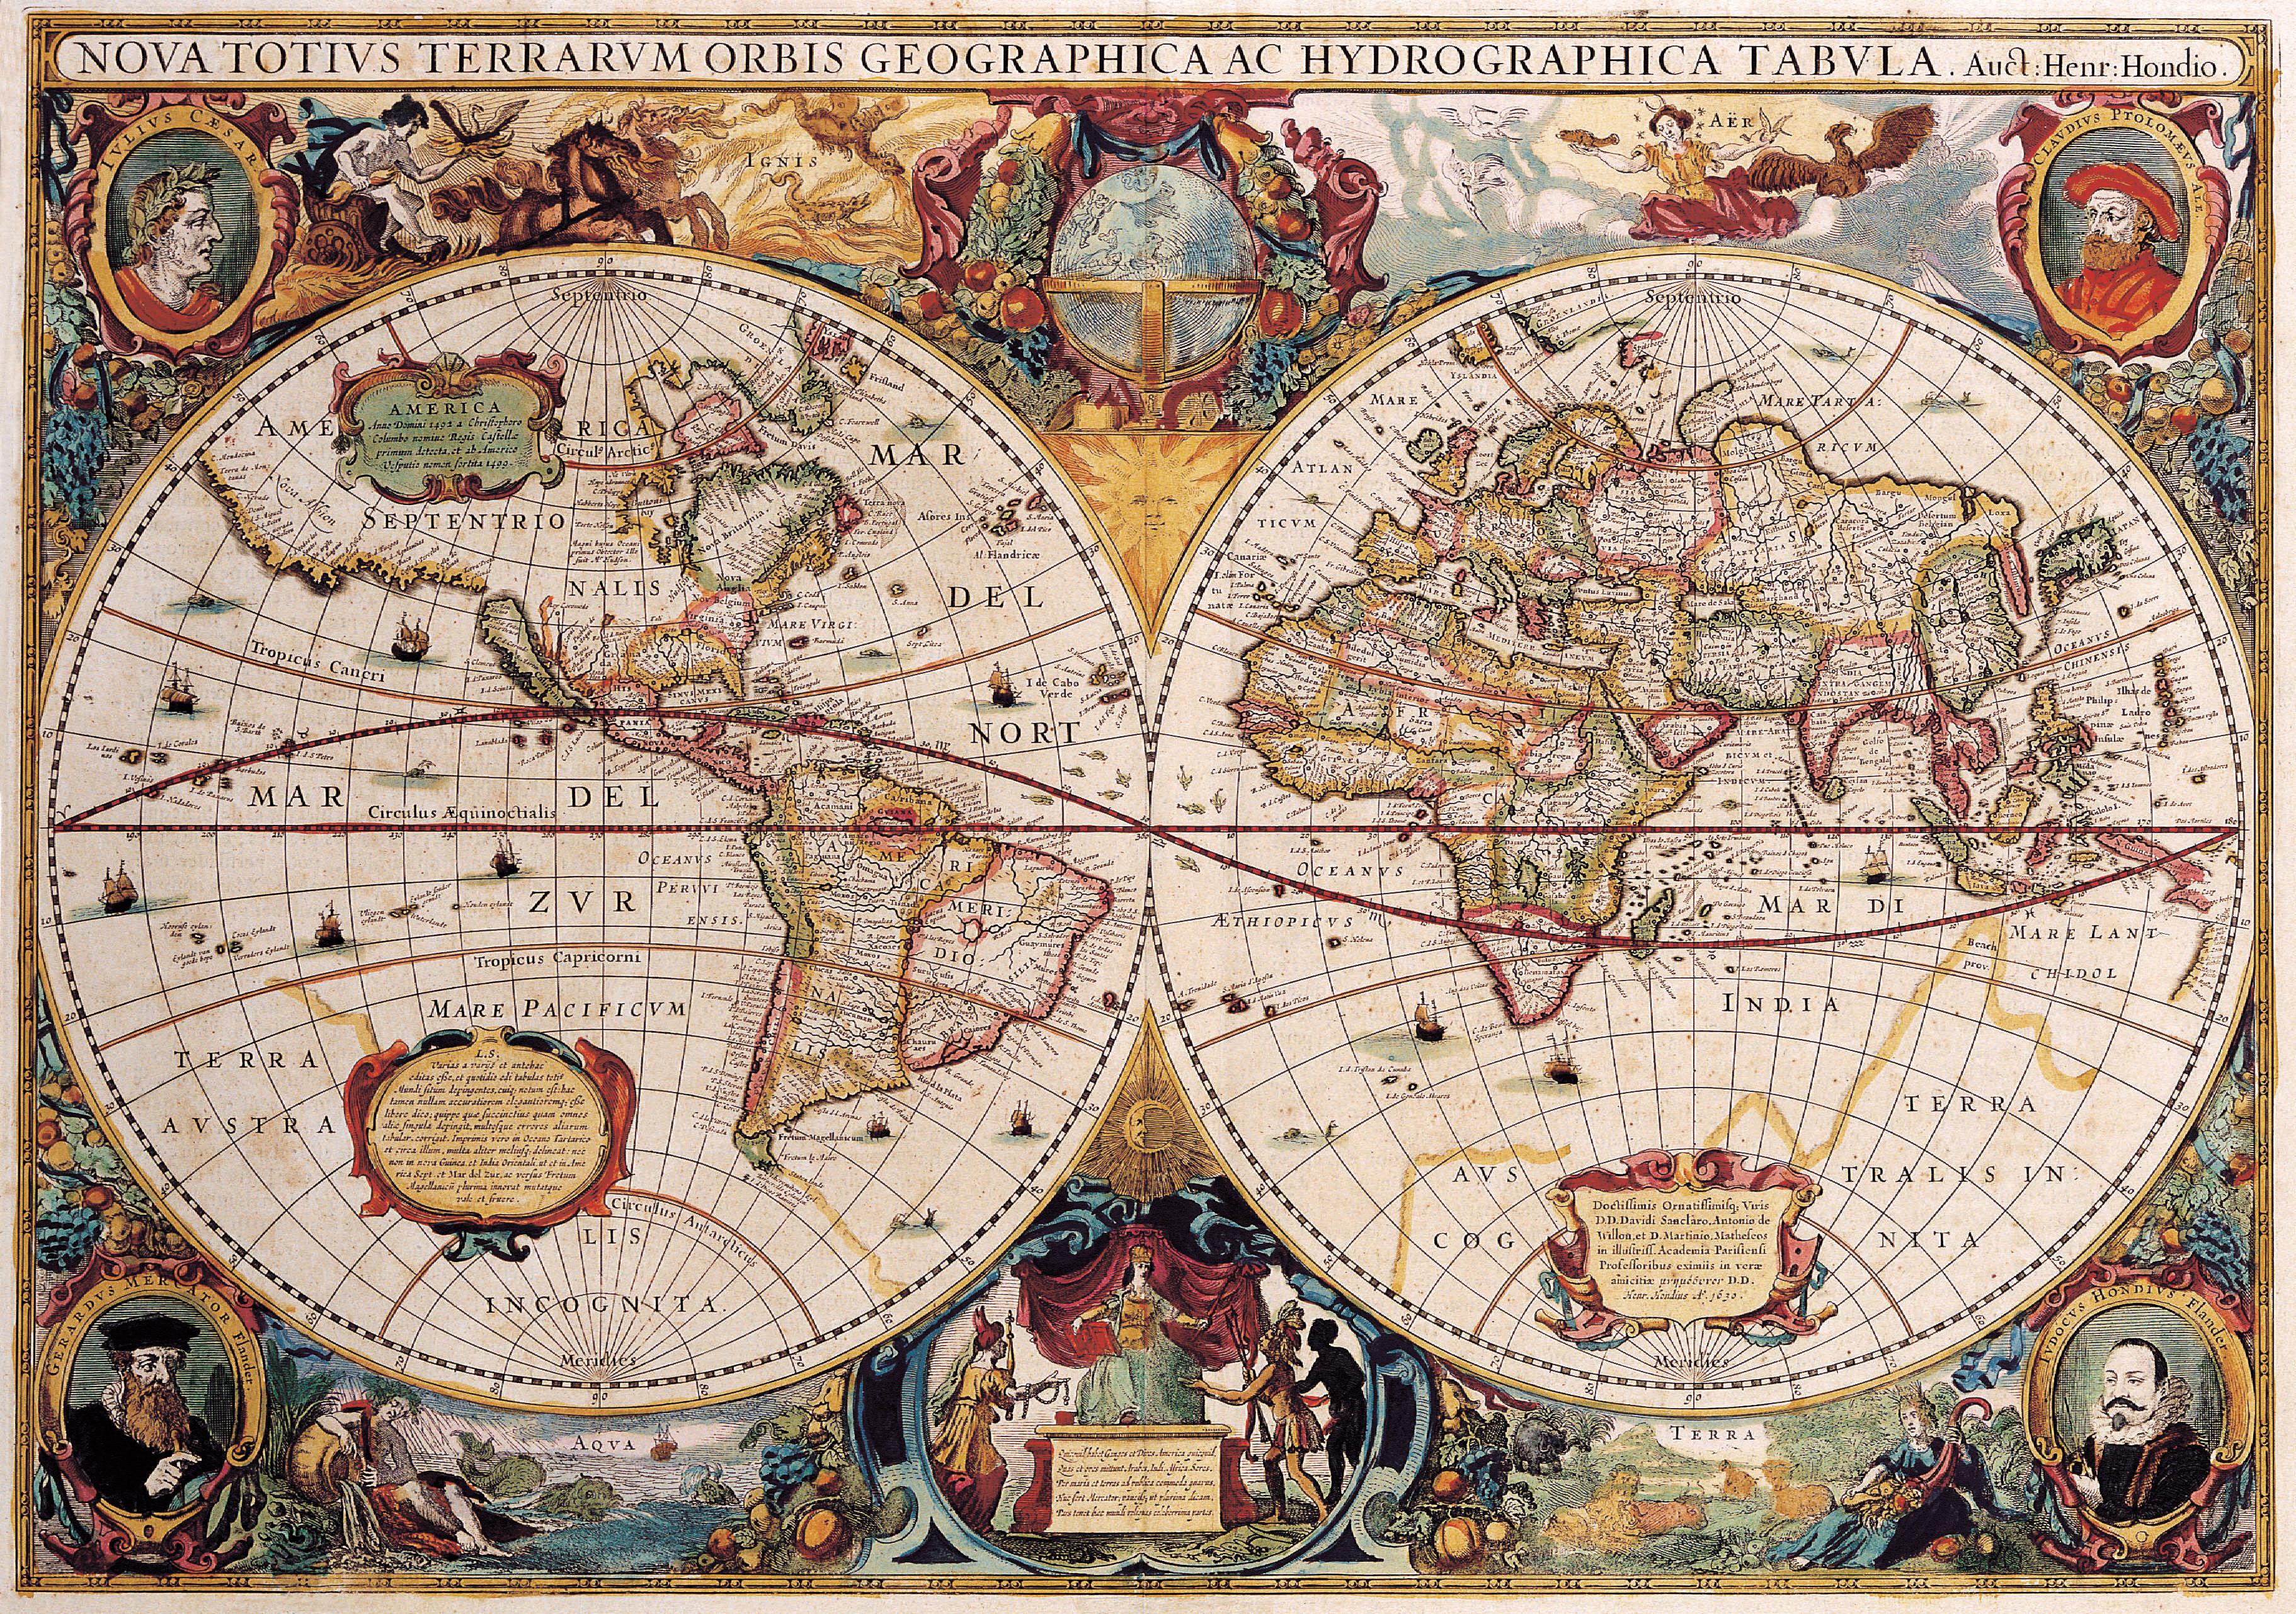 Stare geografske mape i karte - Page 7 6884641242_6095255e09_o_d